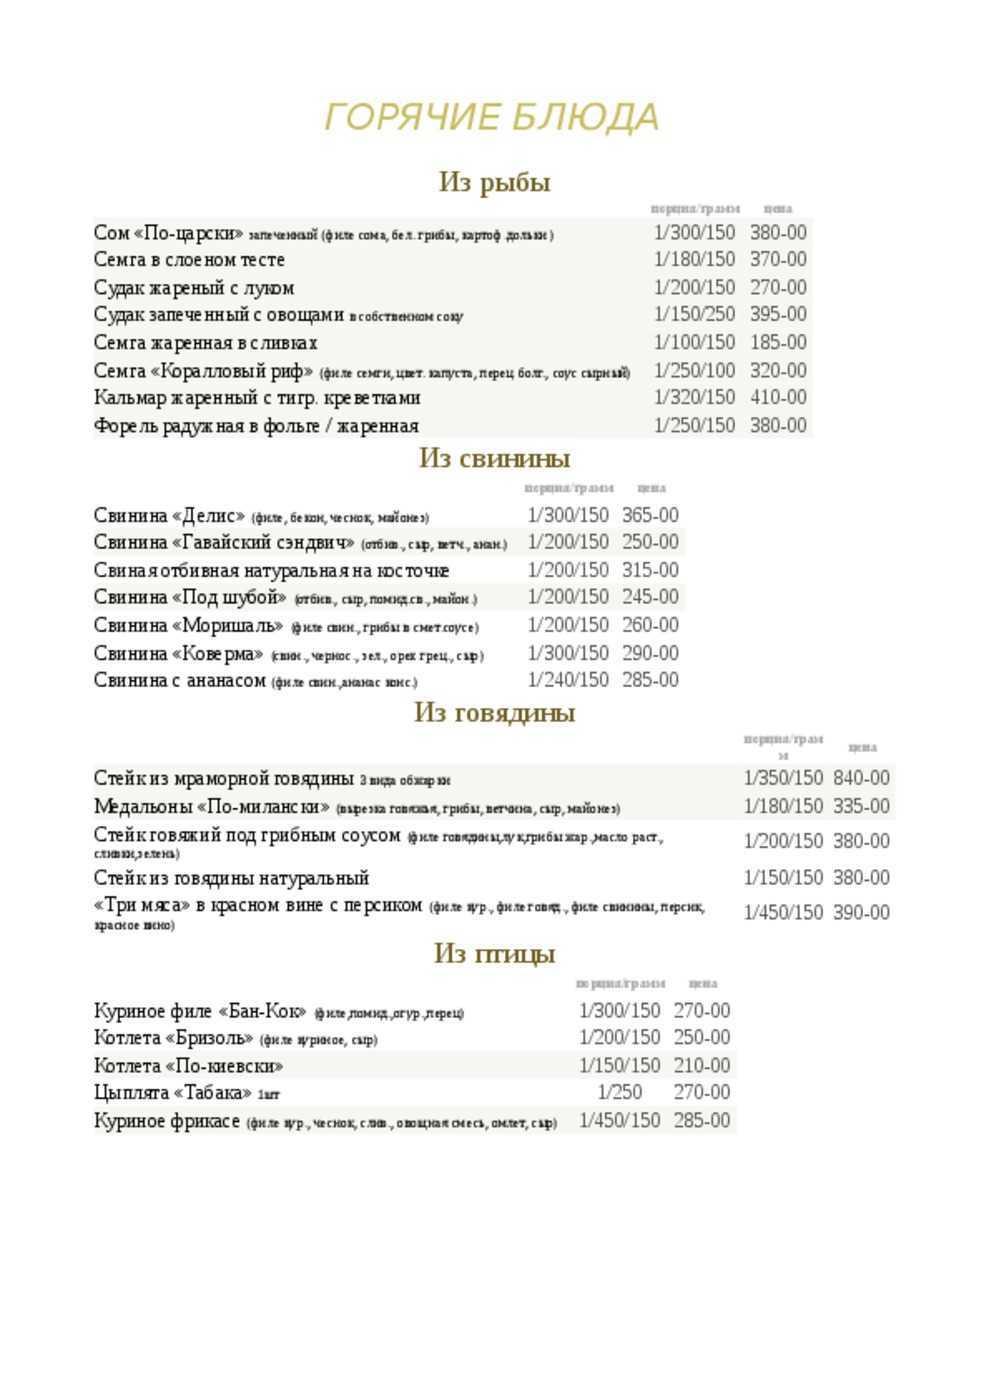 Меню кафе Делис в Таганрогской фото 4